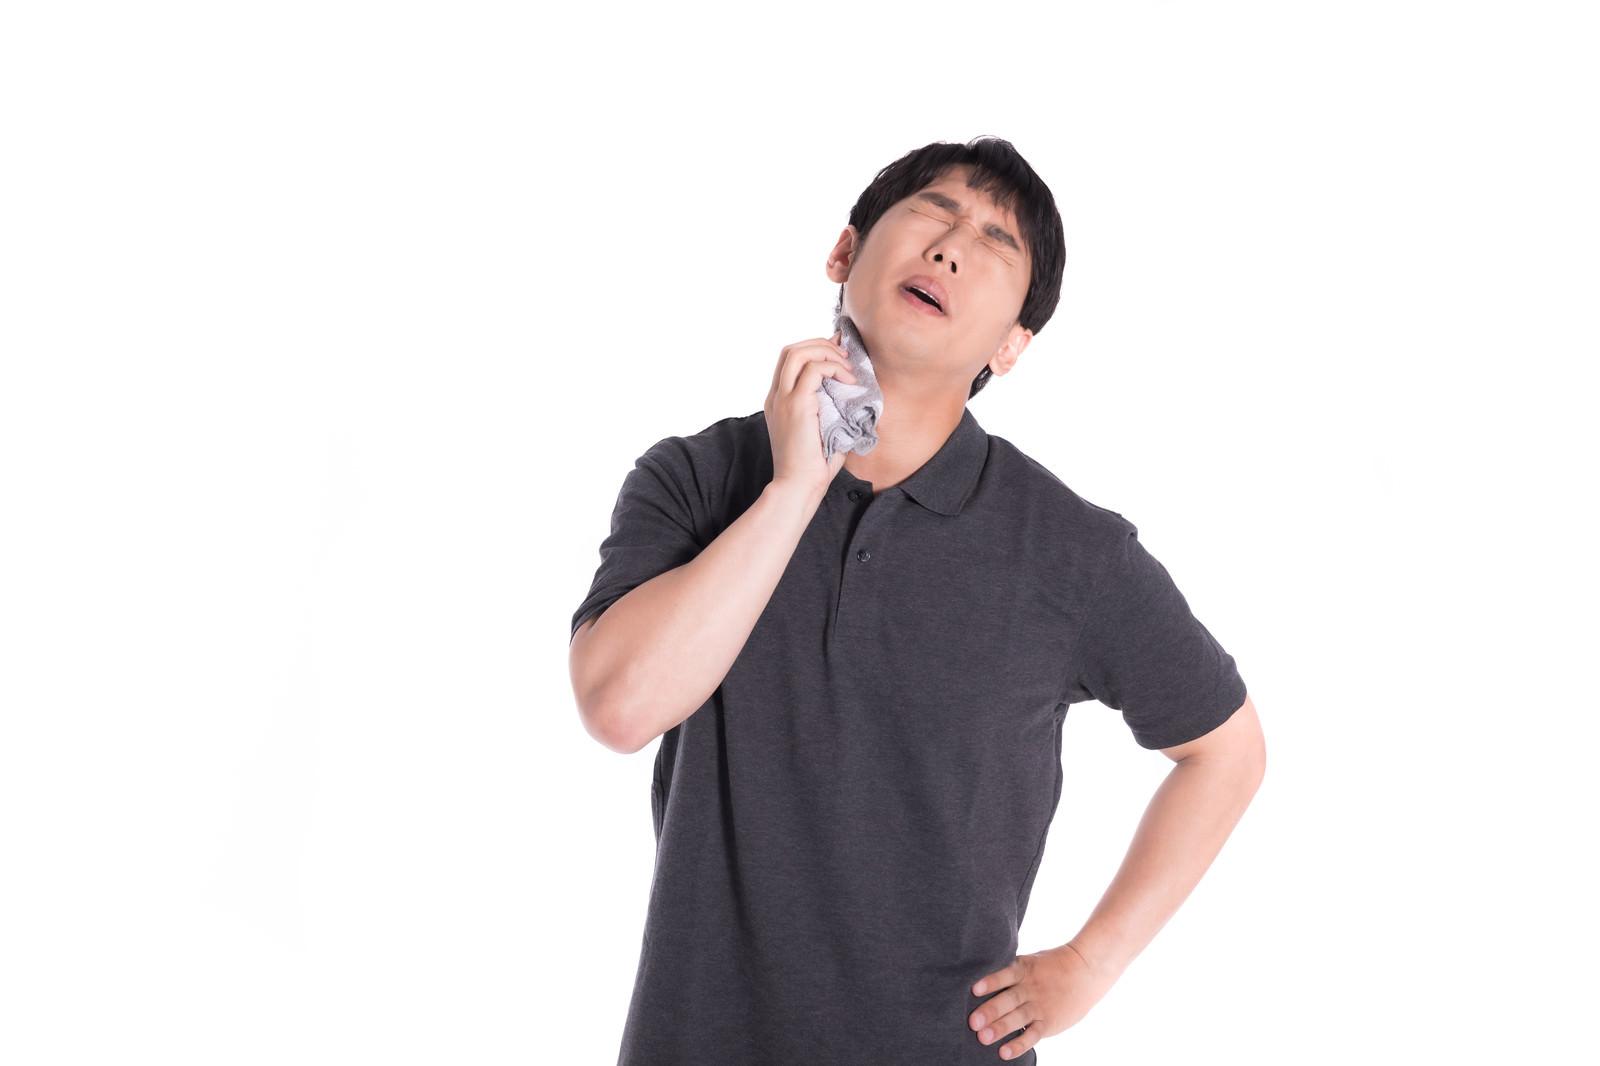 「ハンカチが手放せない汗っかき」の写真[モデル:大川竜弥]